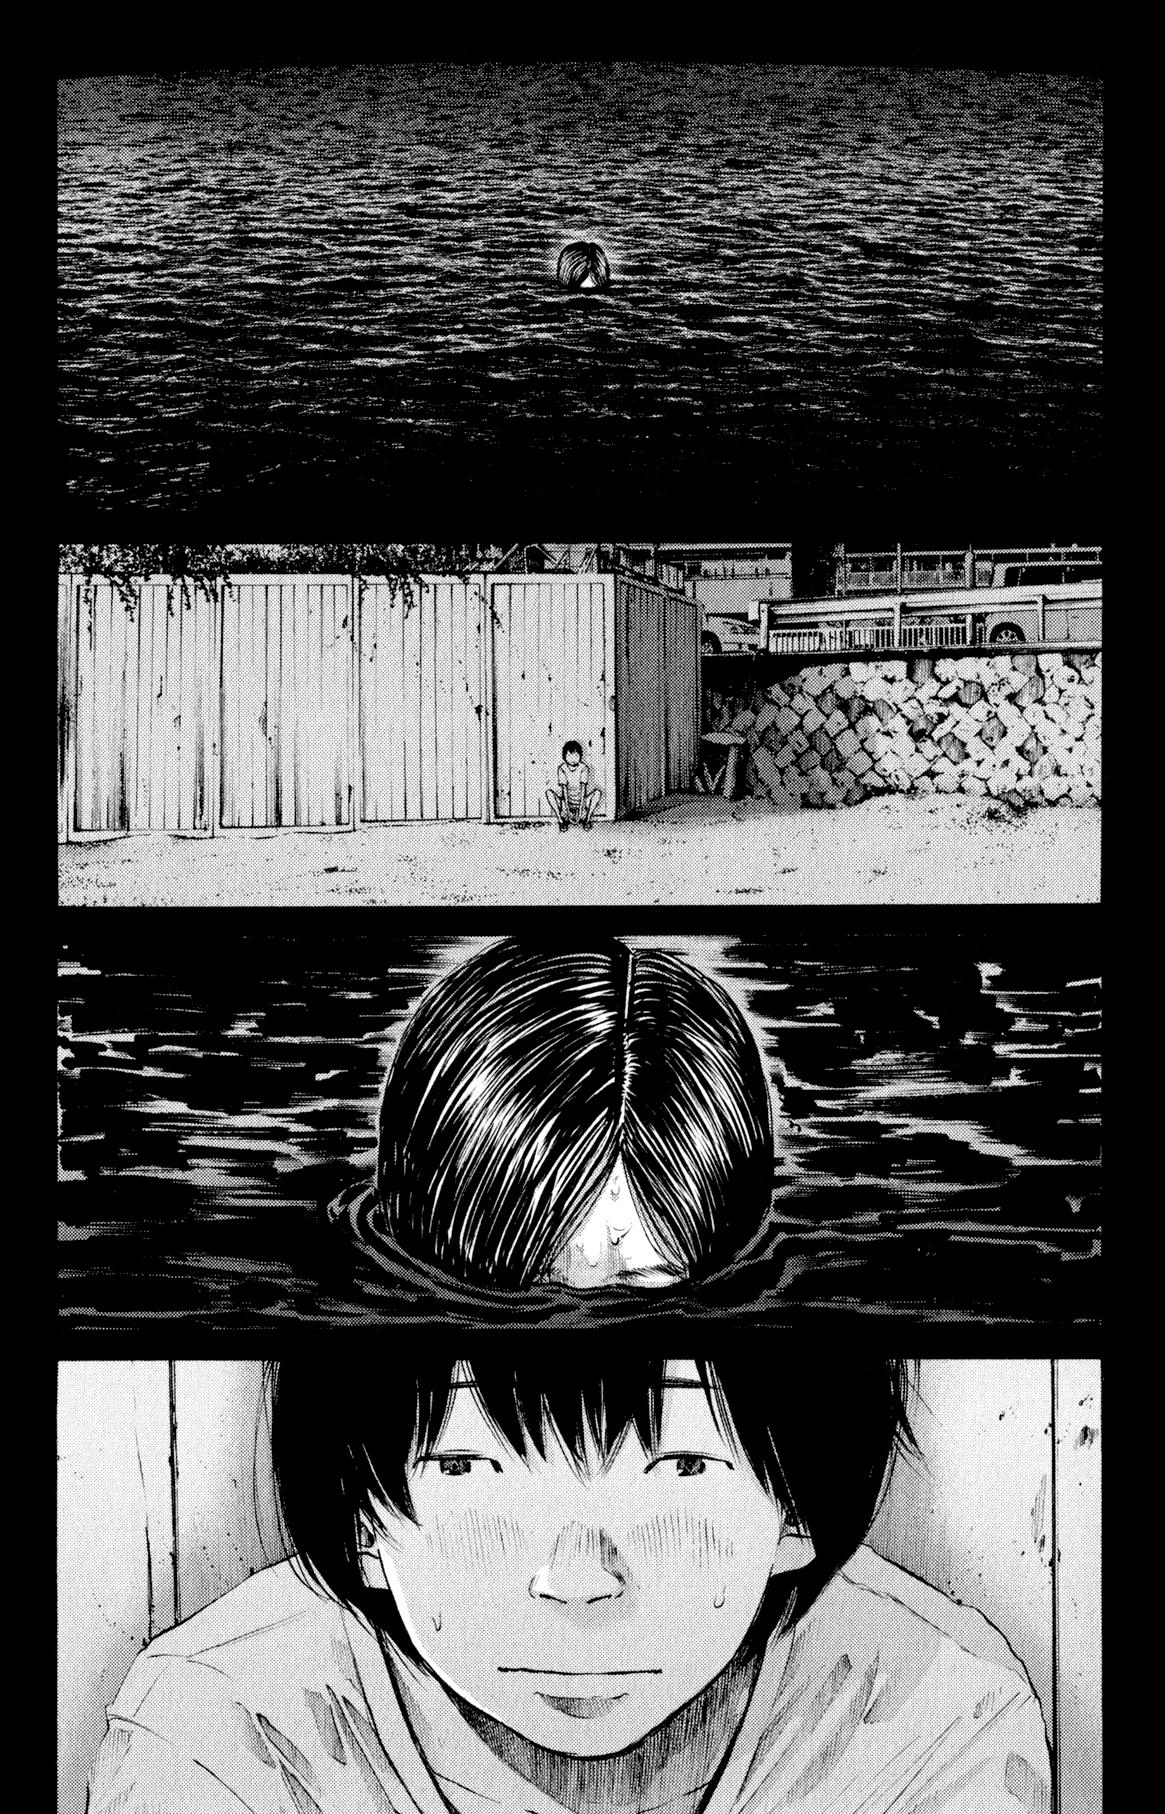 Pin by juliana on Background Manga Cool art, Manga, Art